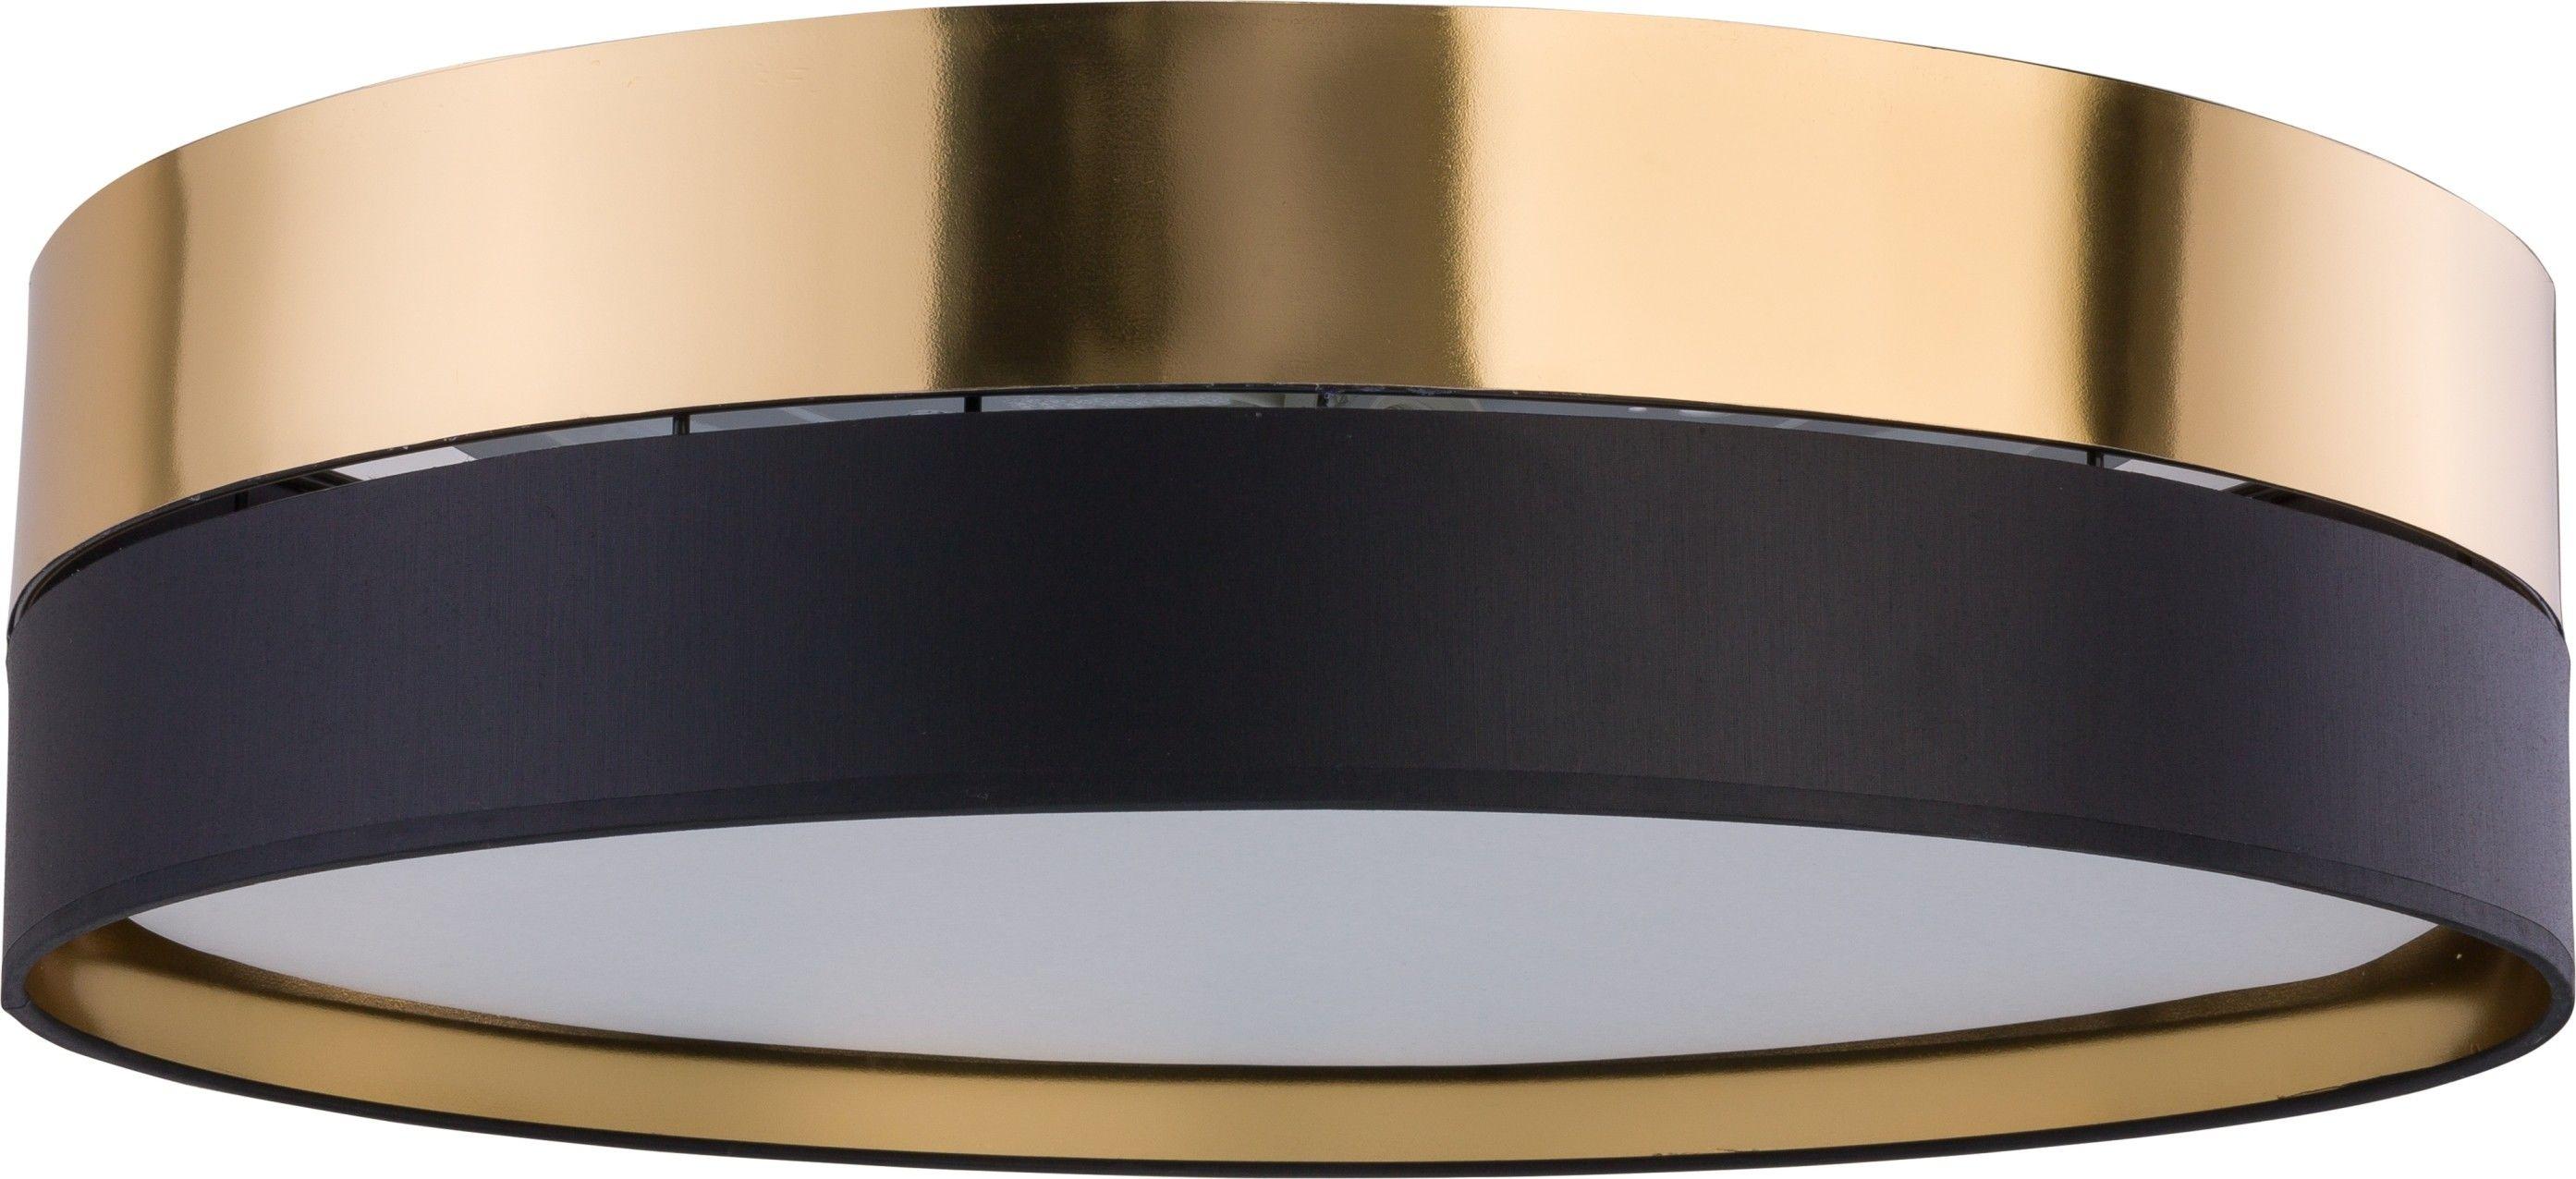 Plafon Hilton czarno złoty 4 punktowy 4345 - TK Lighting // Rabaty w koszyku i darmowa dostawa od 299zł !